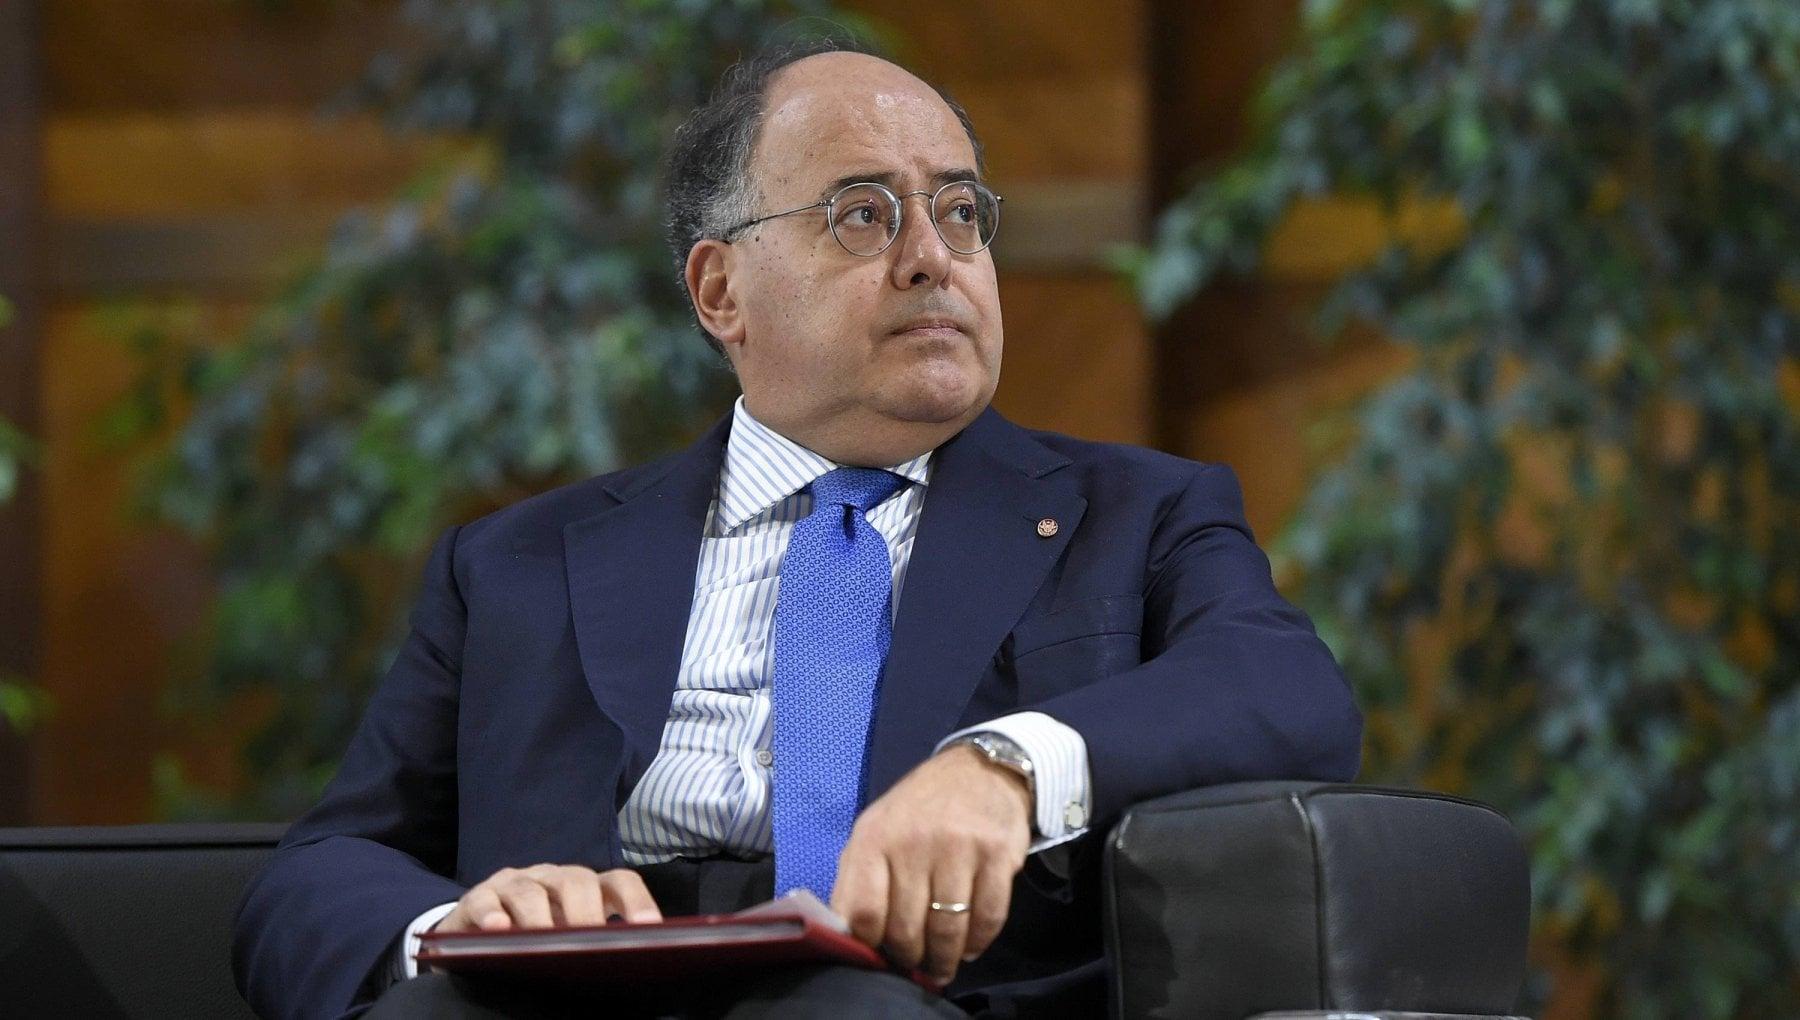 Emergenza Covid in Calabria tre dimissioni in dieci giorni. Strada Non sono disponibile come commissario